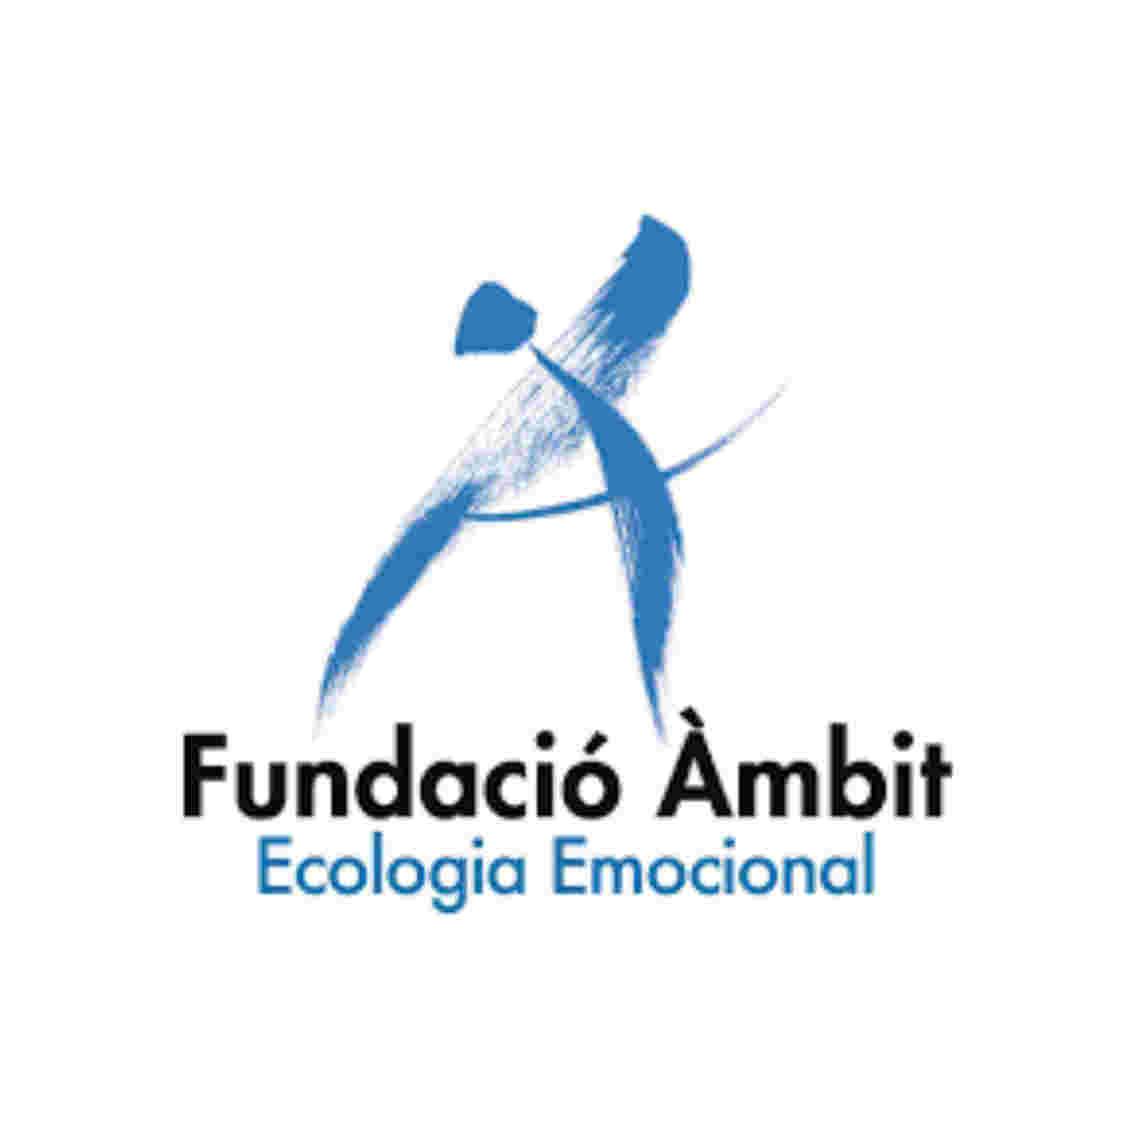 FUNDACIÓ AMBIT